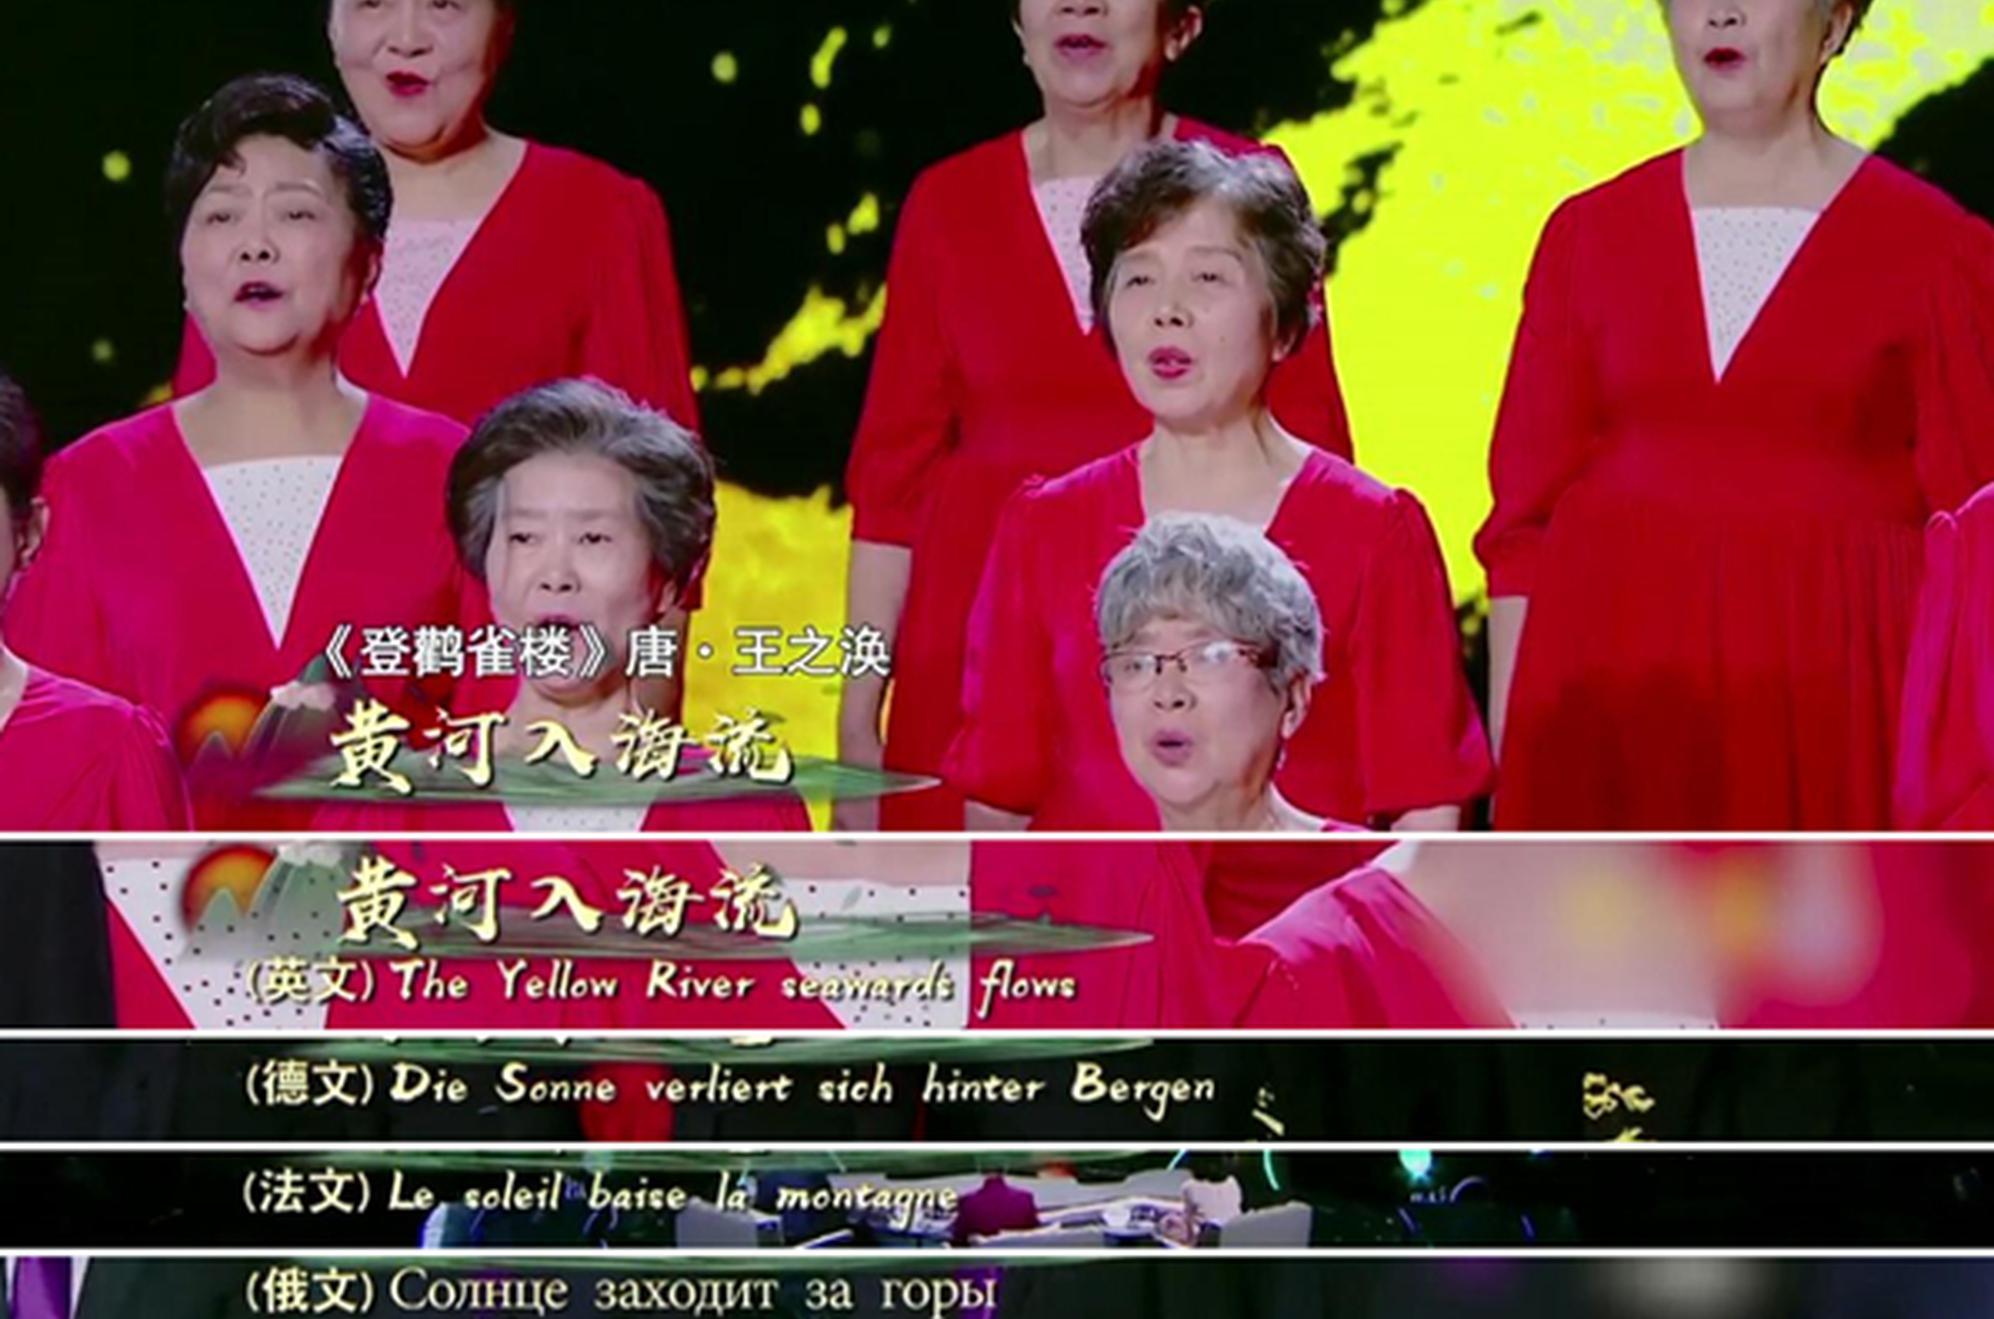 一曲毕,观众和嘉宾们皆是一脸惊喜表情。